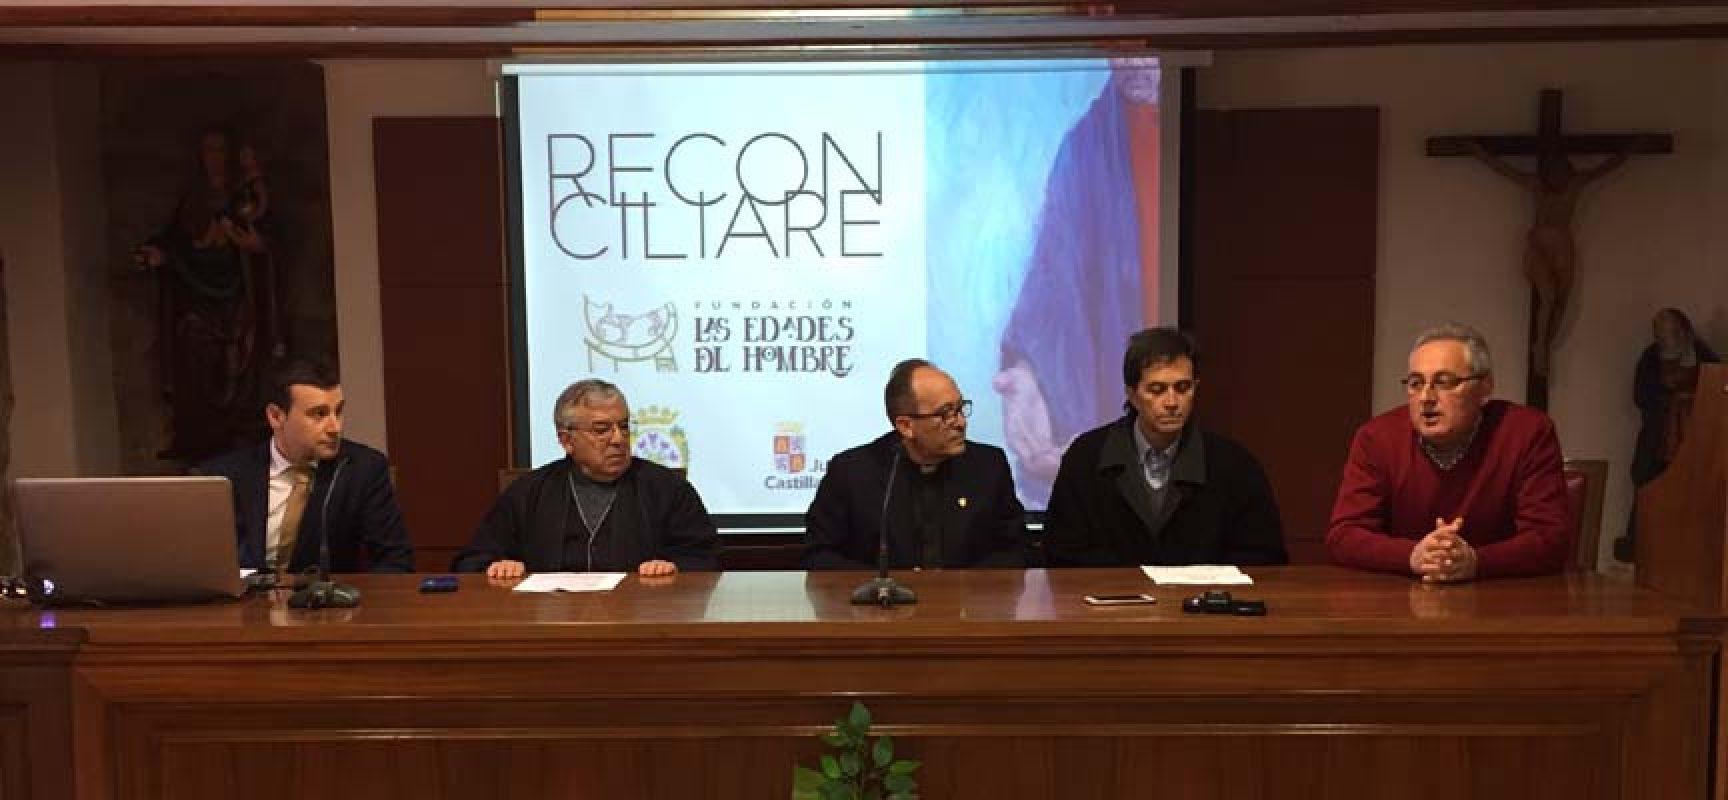 La diócesis de Ciudad Rodrigo aportará dos obras a `Reconciliare´